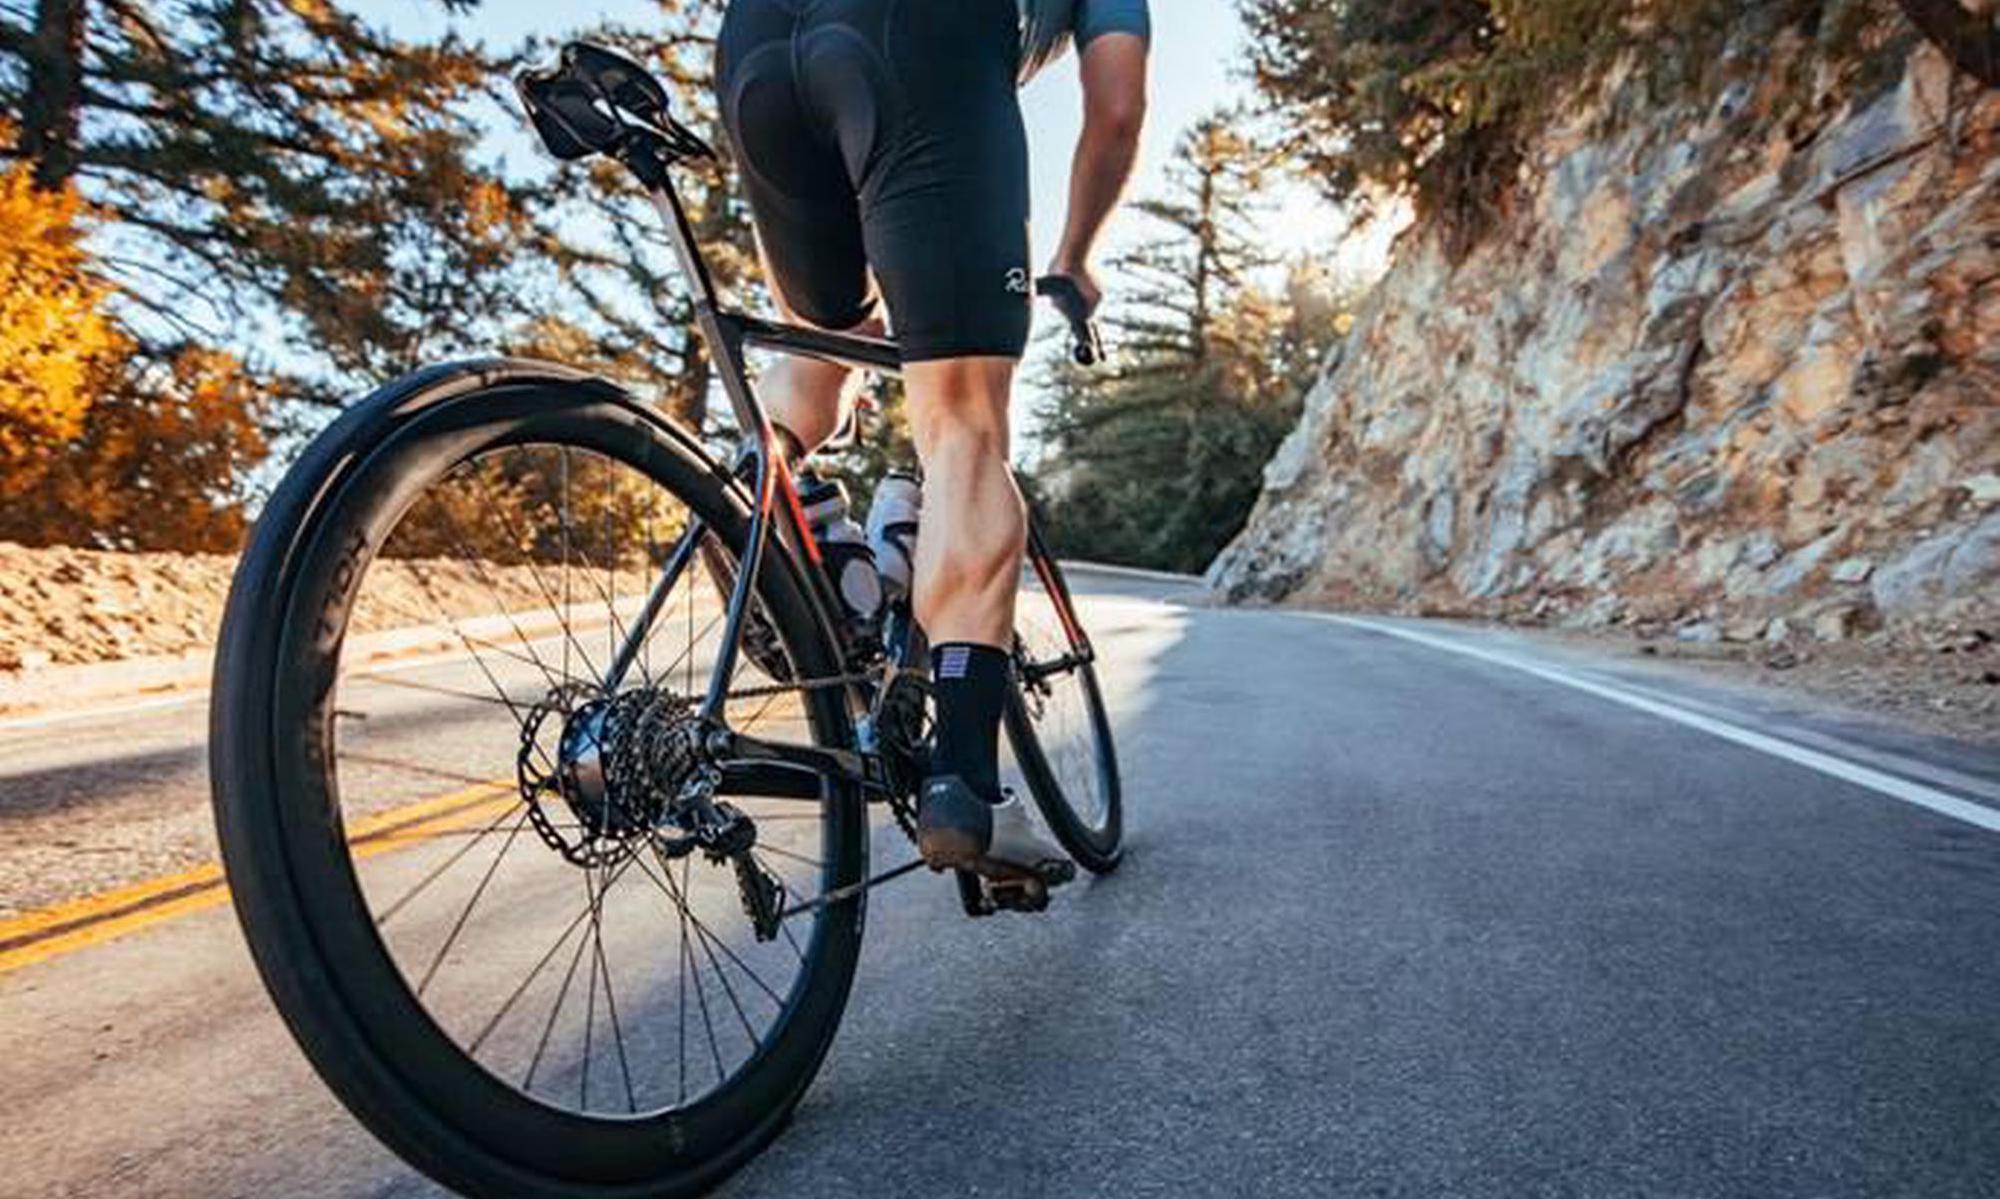 E-Bikes bieten viele Vorteile und belasten die Umwelt weniger als andere Fortbewegungsmittel. Doch Vorsicht: E-Bike ist nicht gleich E-Bike. Cannondale